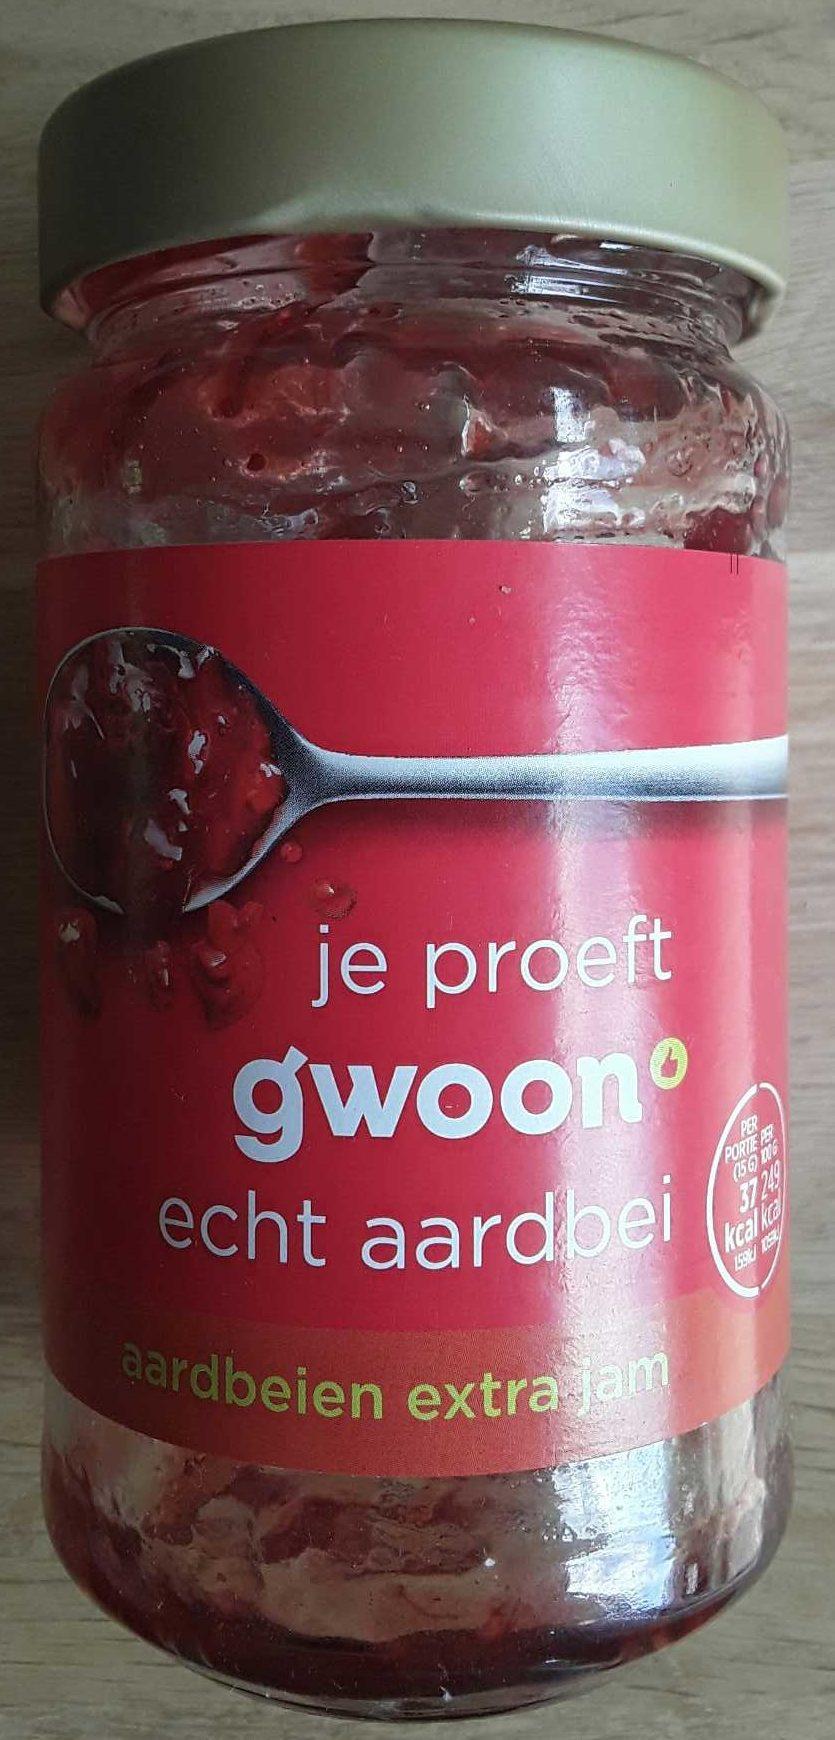 Aardbeien extra jam - Product - nl